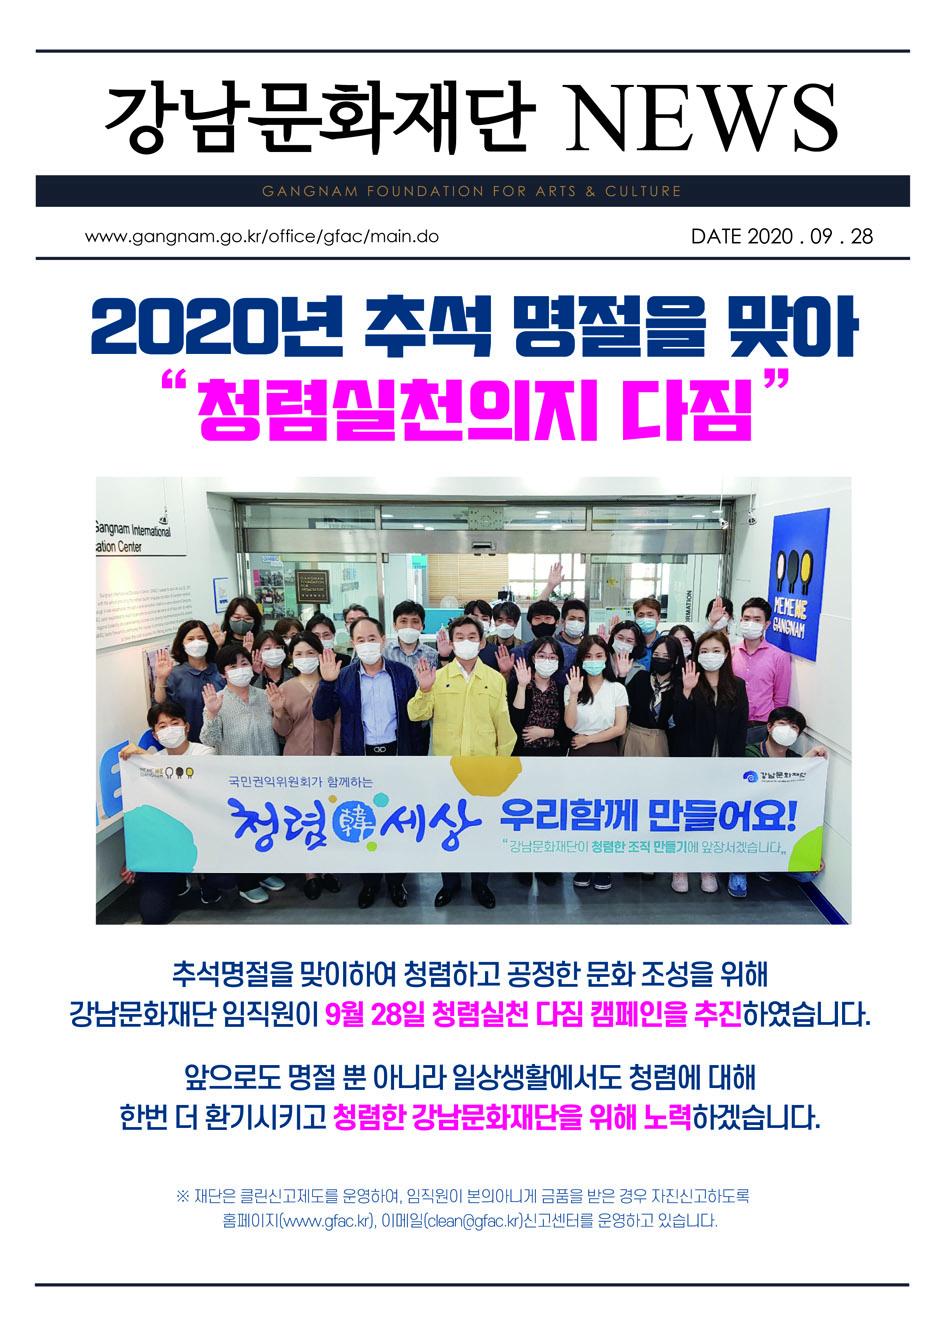 강남문화재단 청렴실천의지 다짐 대회